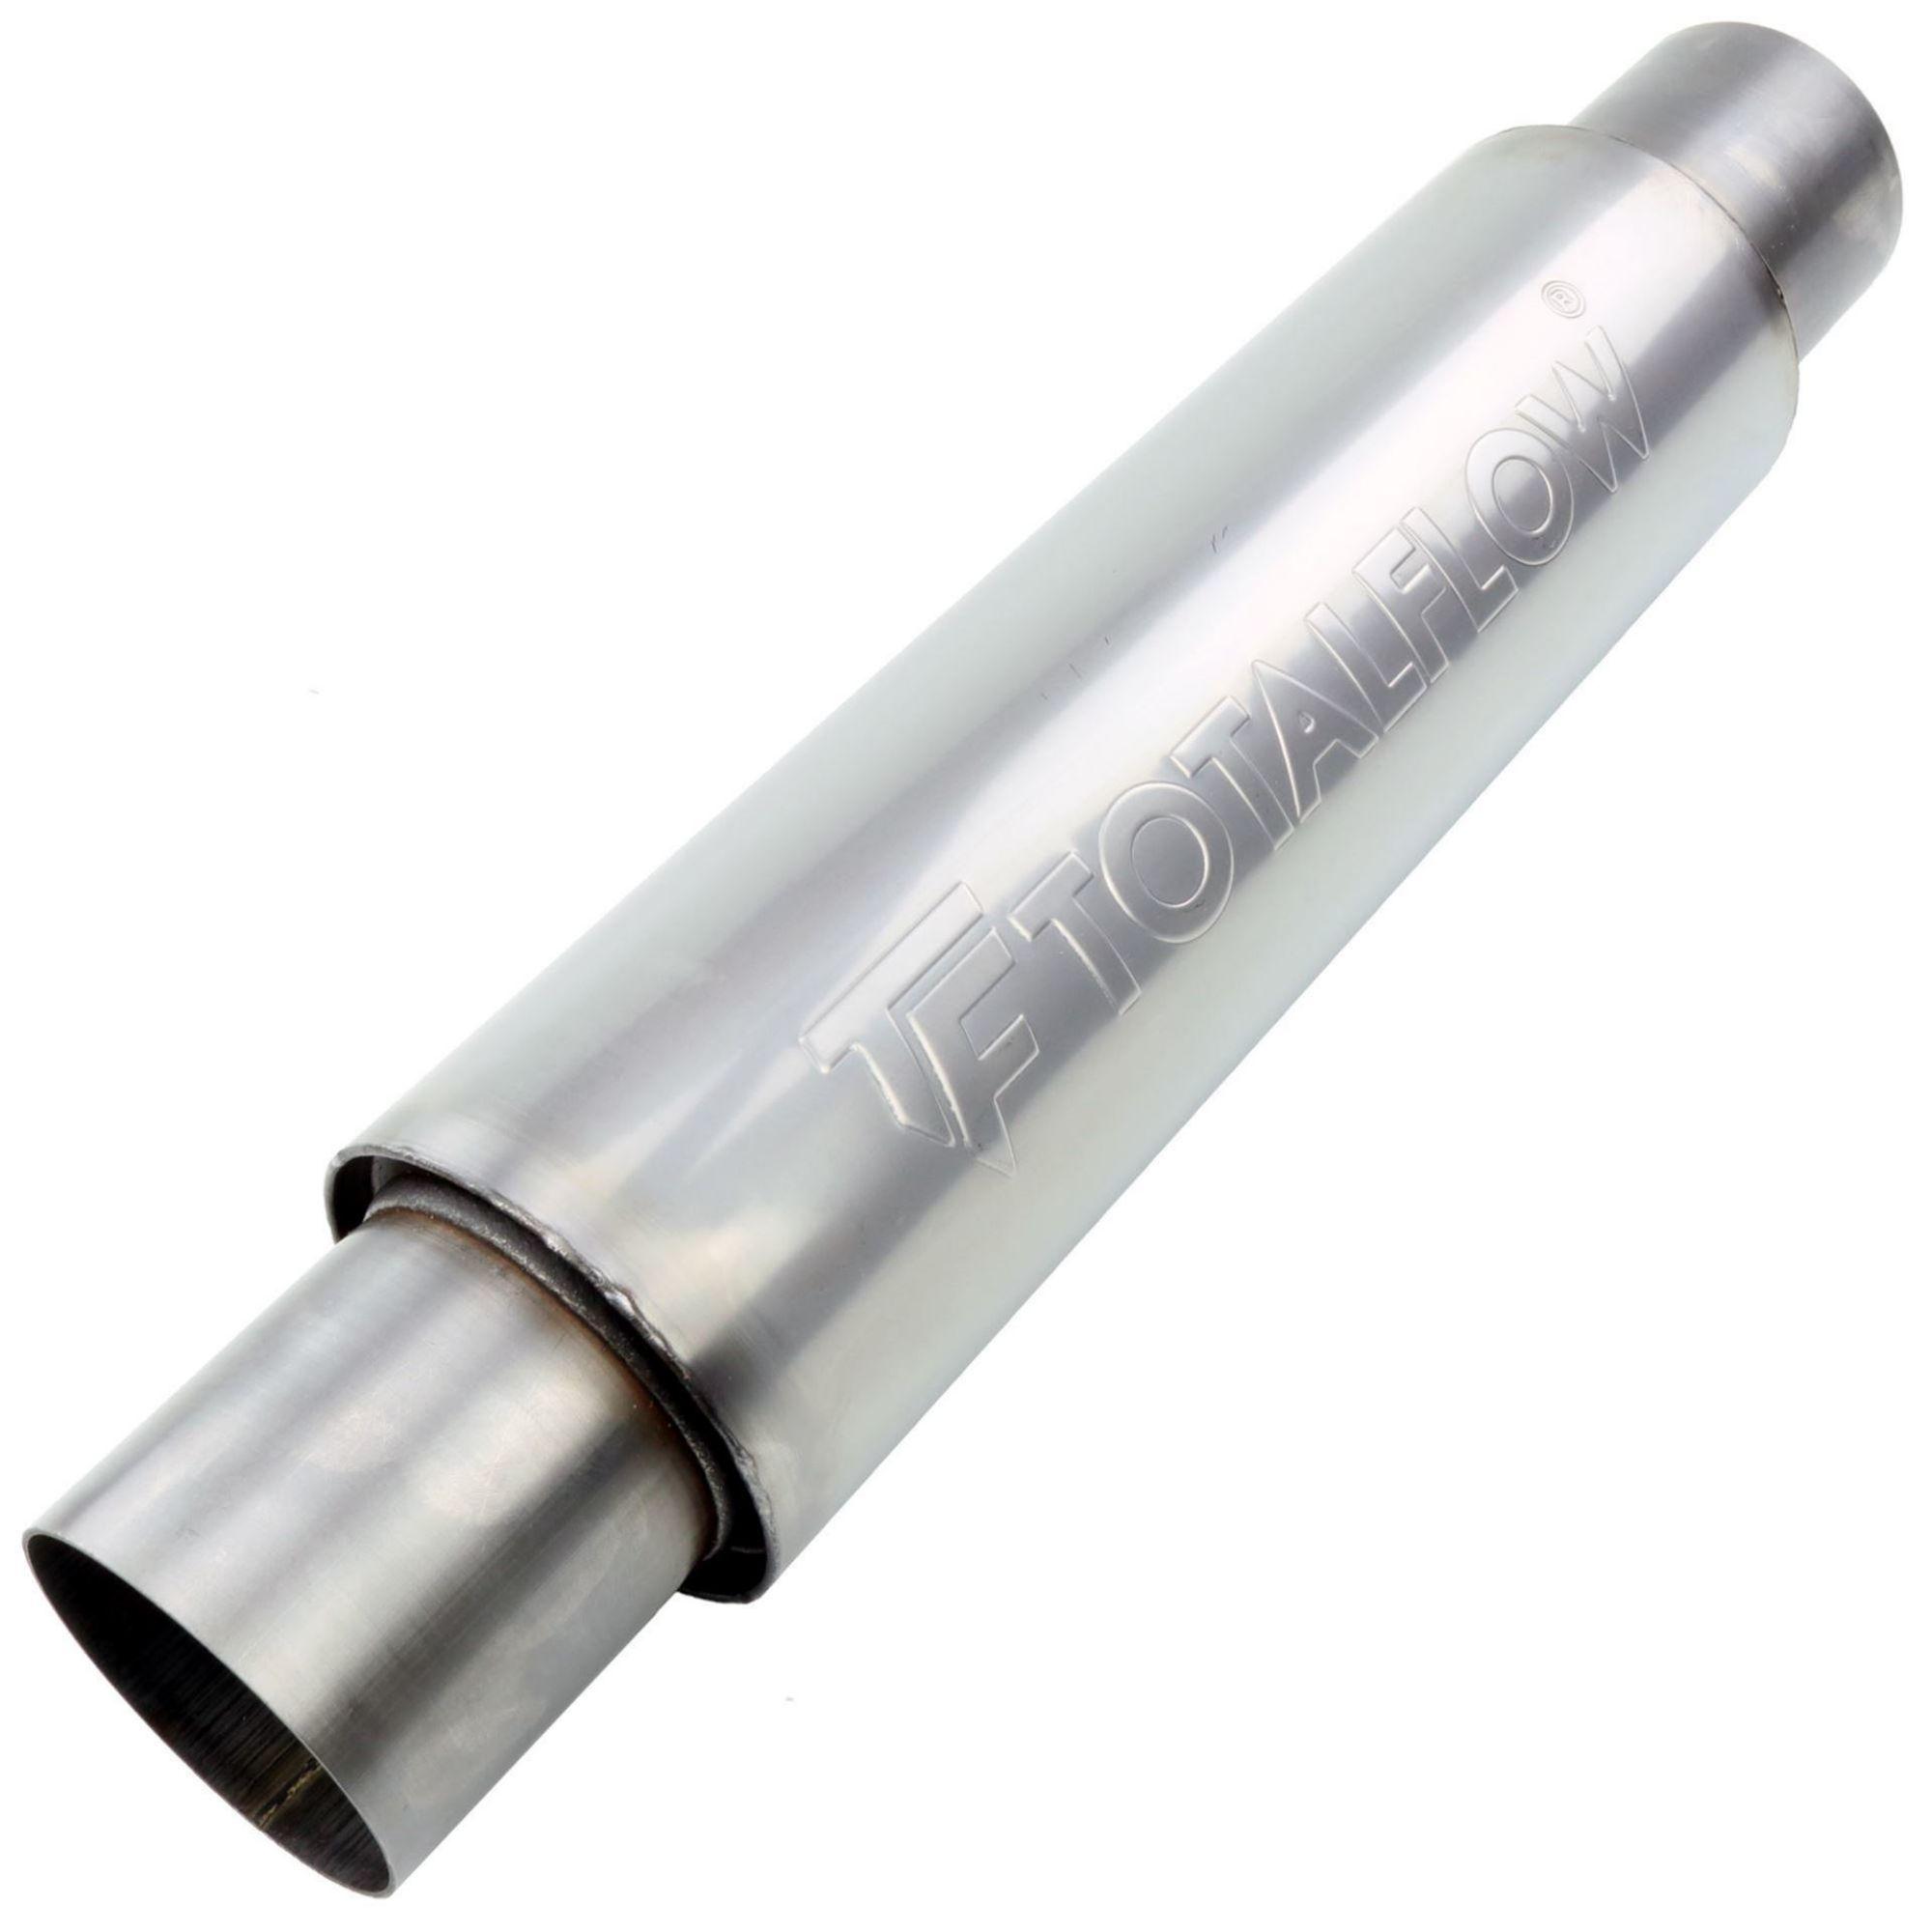 TOTALFLOW 22216 Straight Through Universal Exhaust Muffler - 2.5 Inch ID